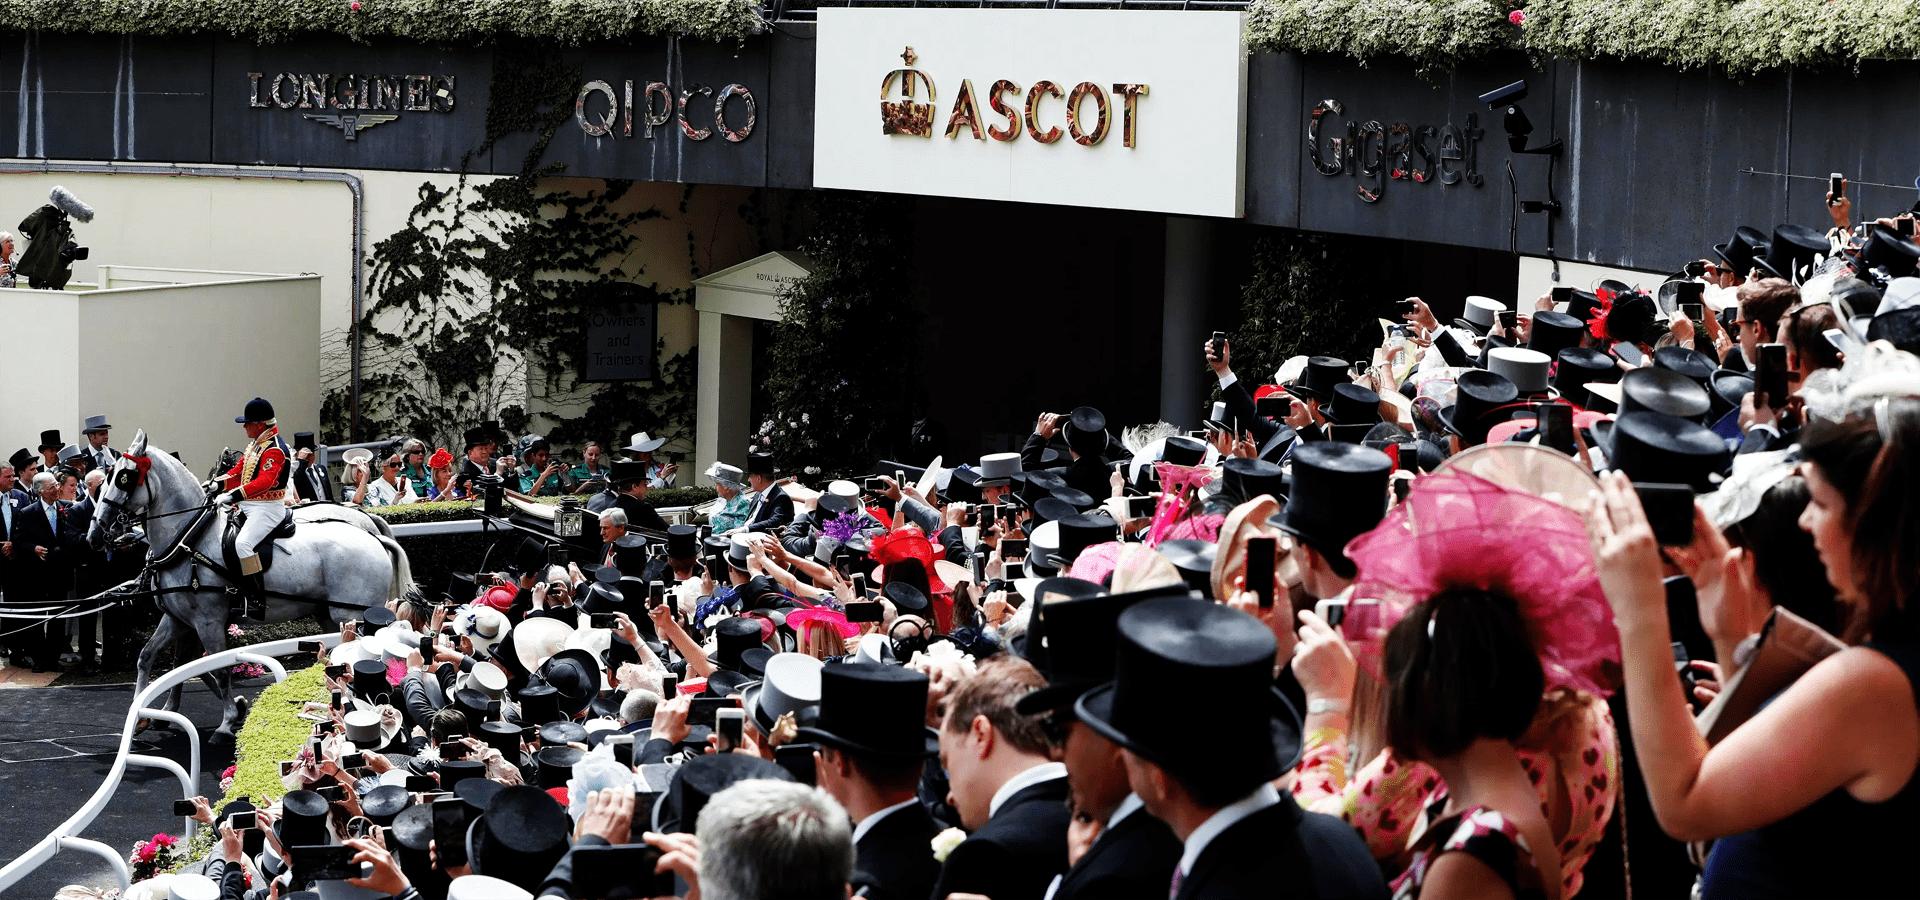 Ascot Racing 2021